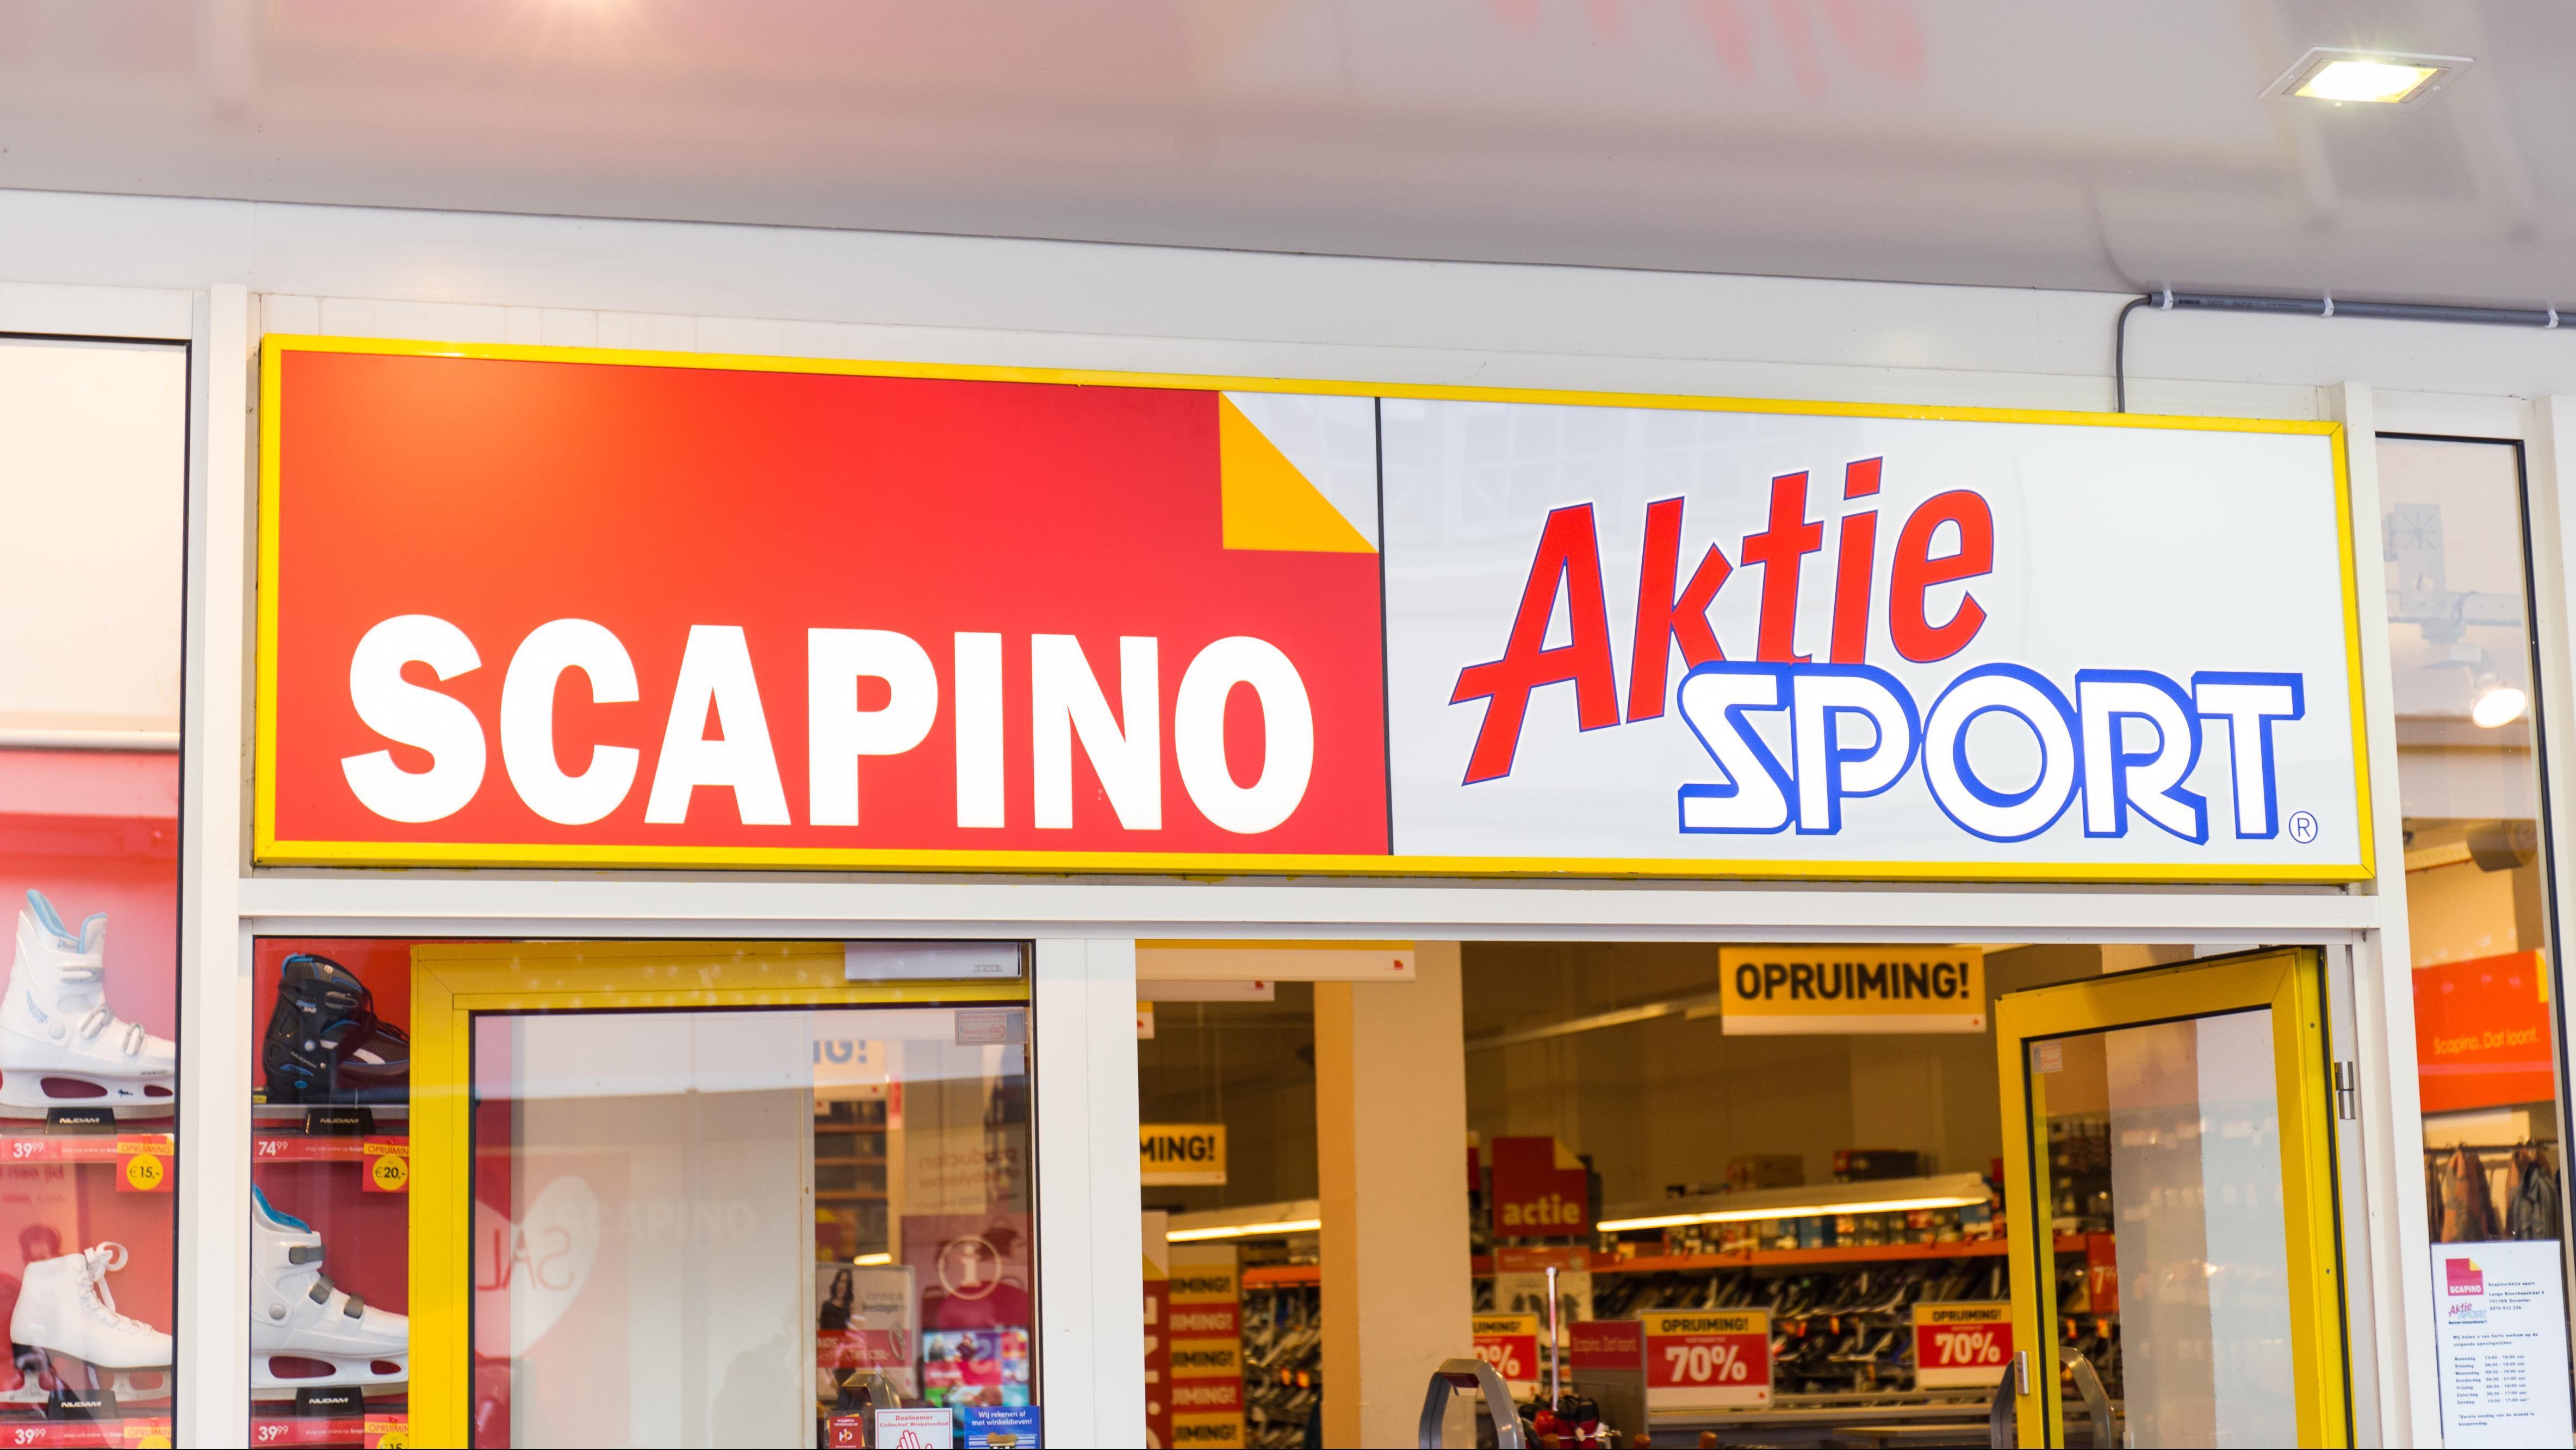 8e9bf2cc977 Scapino neemt shop-in-shops Aktiesport over, besluit winkels Aktiesport en  Perry uitgesteld